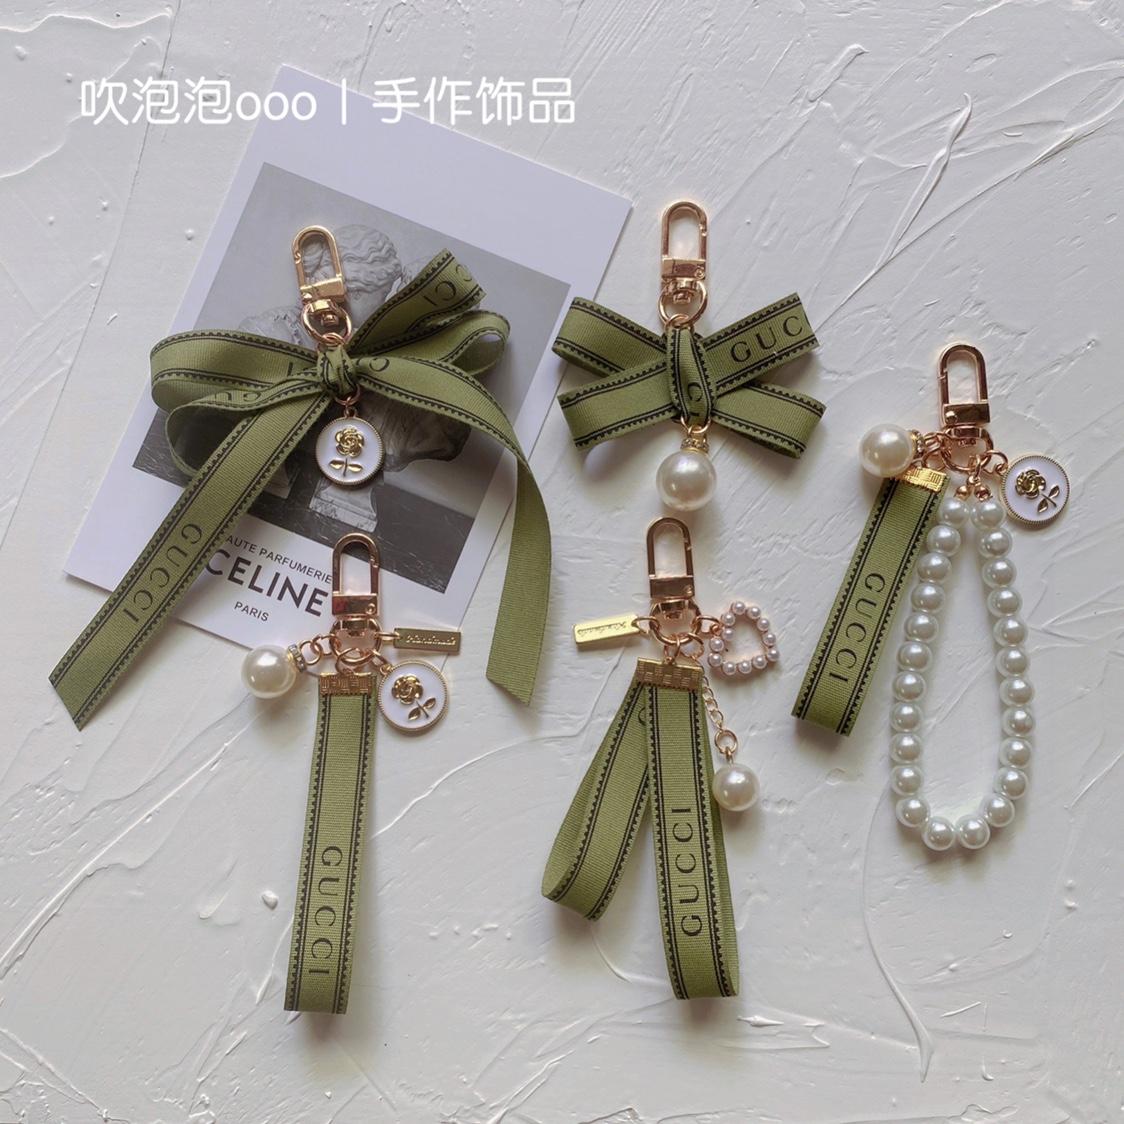 绿色贝壳包 原创手工挂绳小巧精致保色挂件绿色珍珠链贝壳钥匙扣仙女包包挂饰_推荐淘宝好看的绿色贝壳包